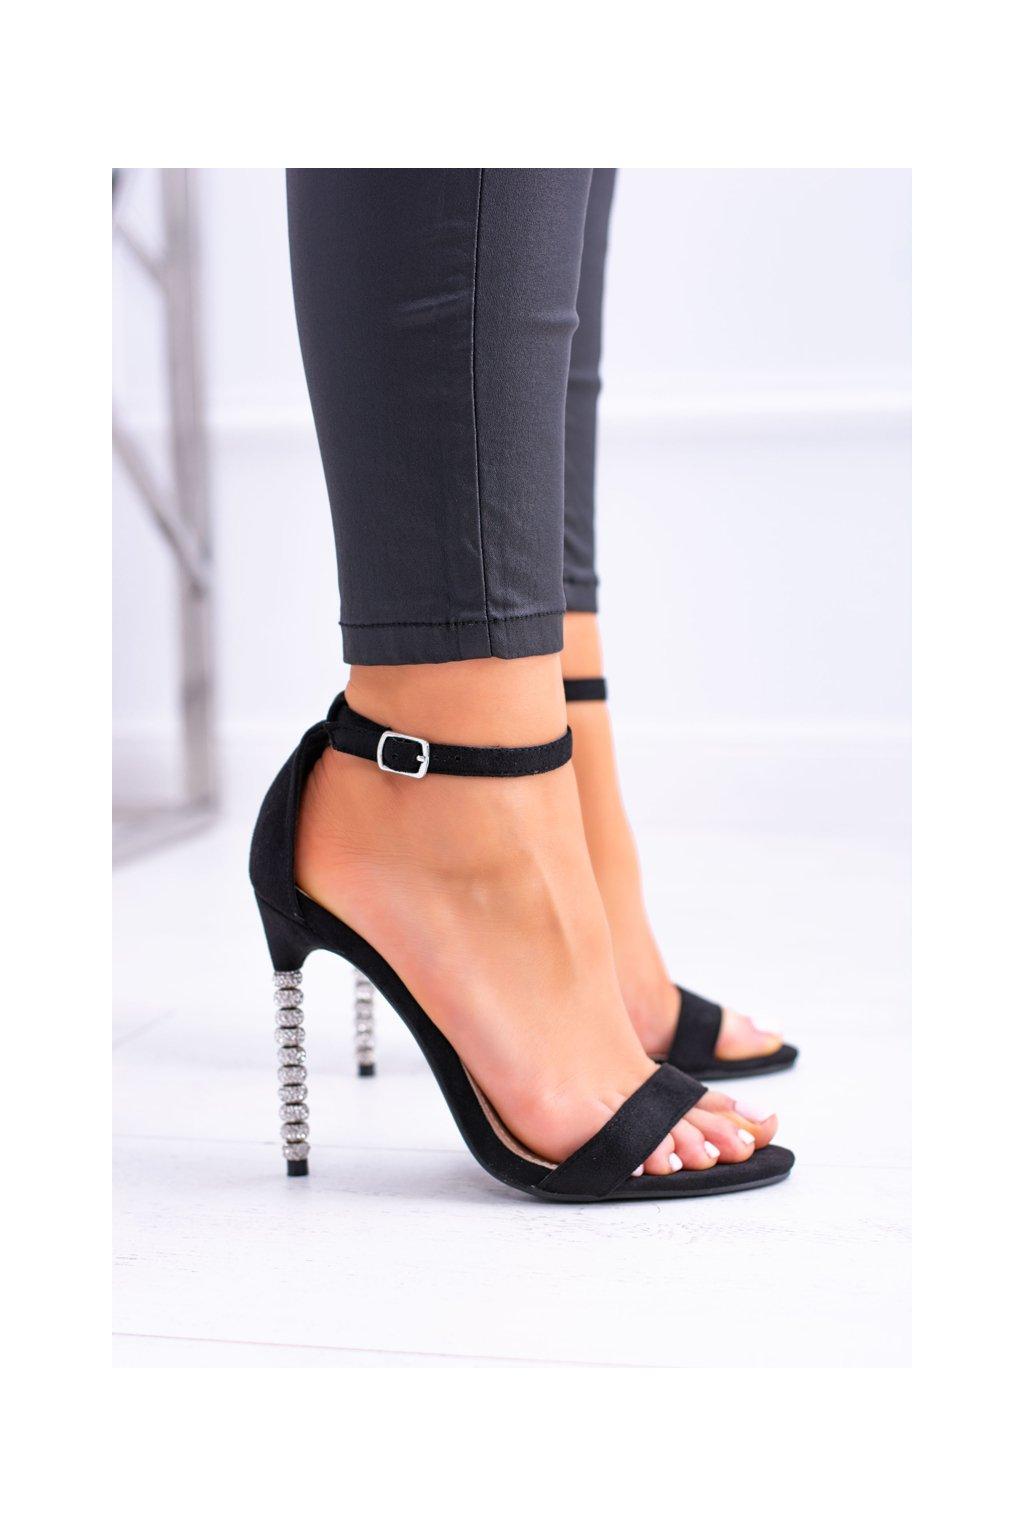 Dámske sandále so zdobenou pätou so zirkónmi čerň Elida NJSK 7078